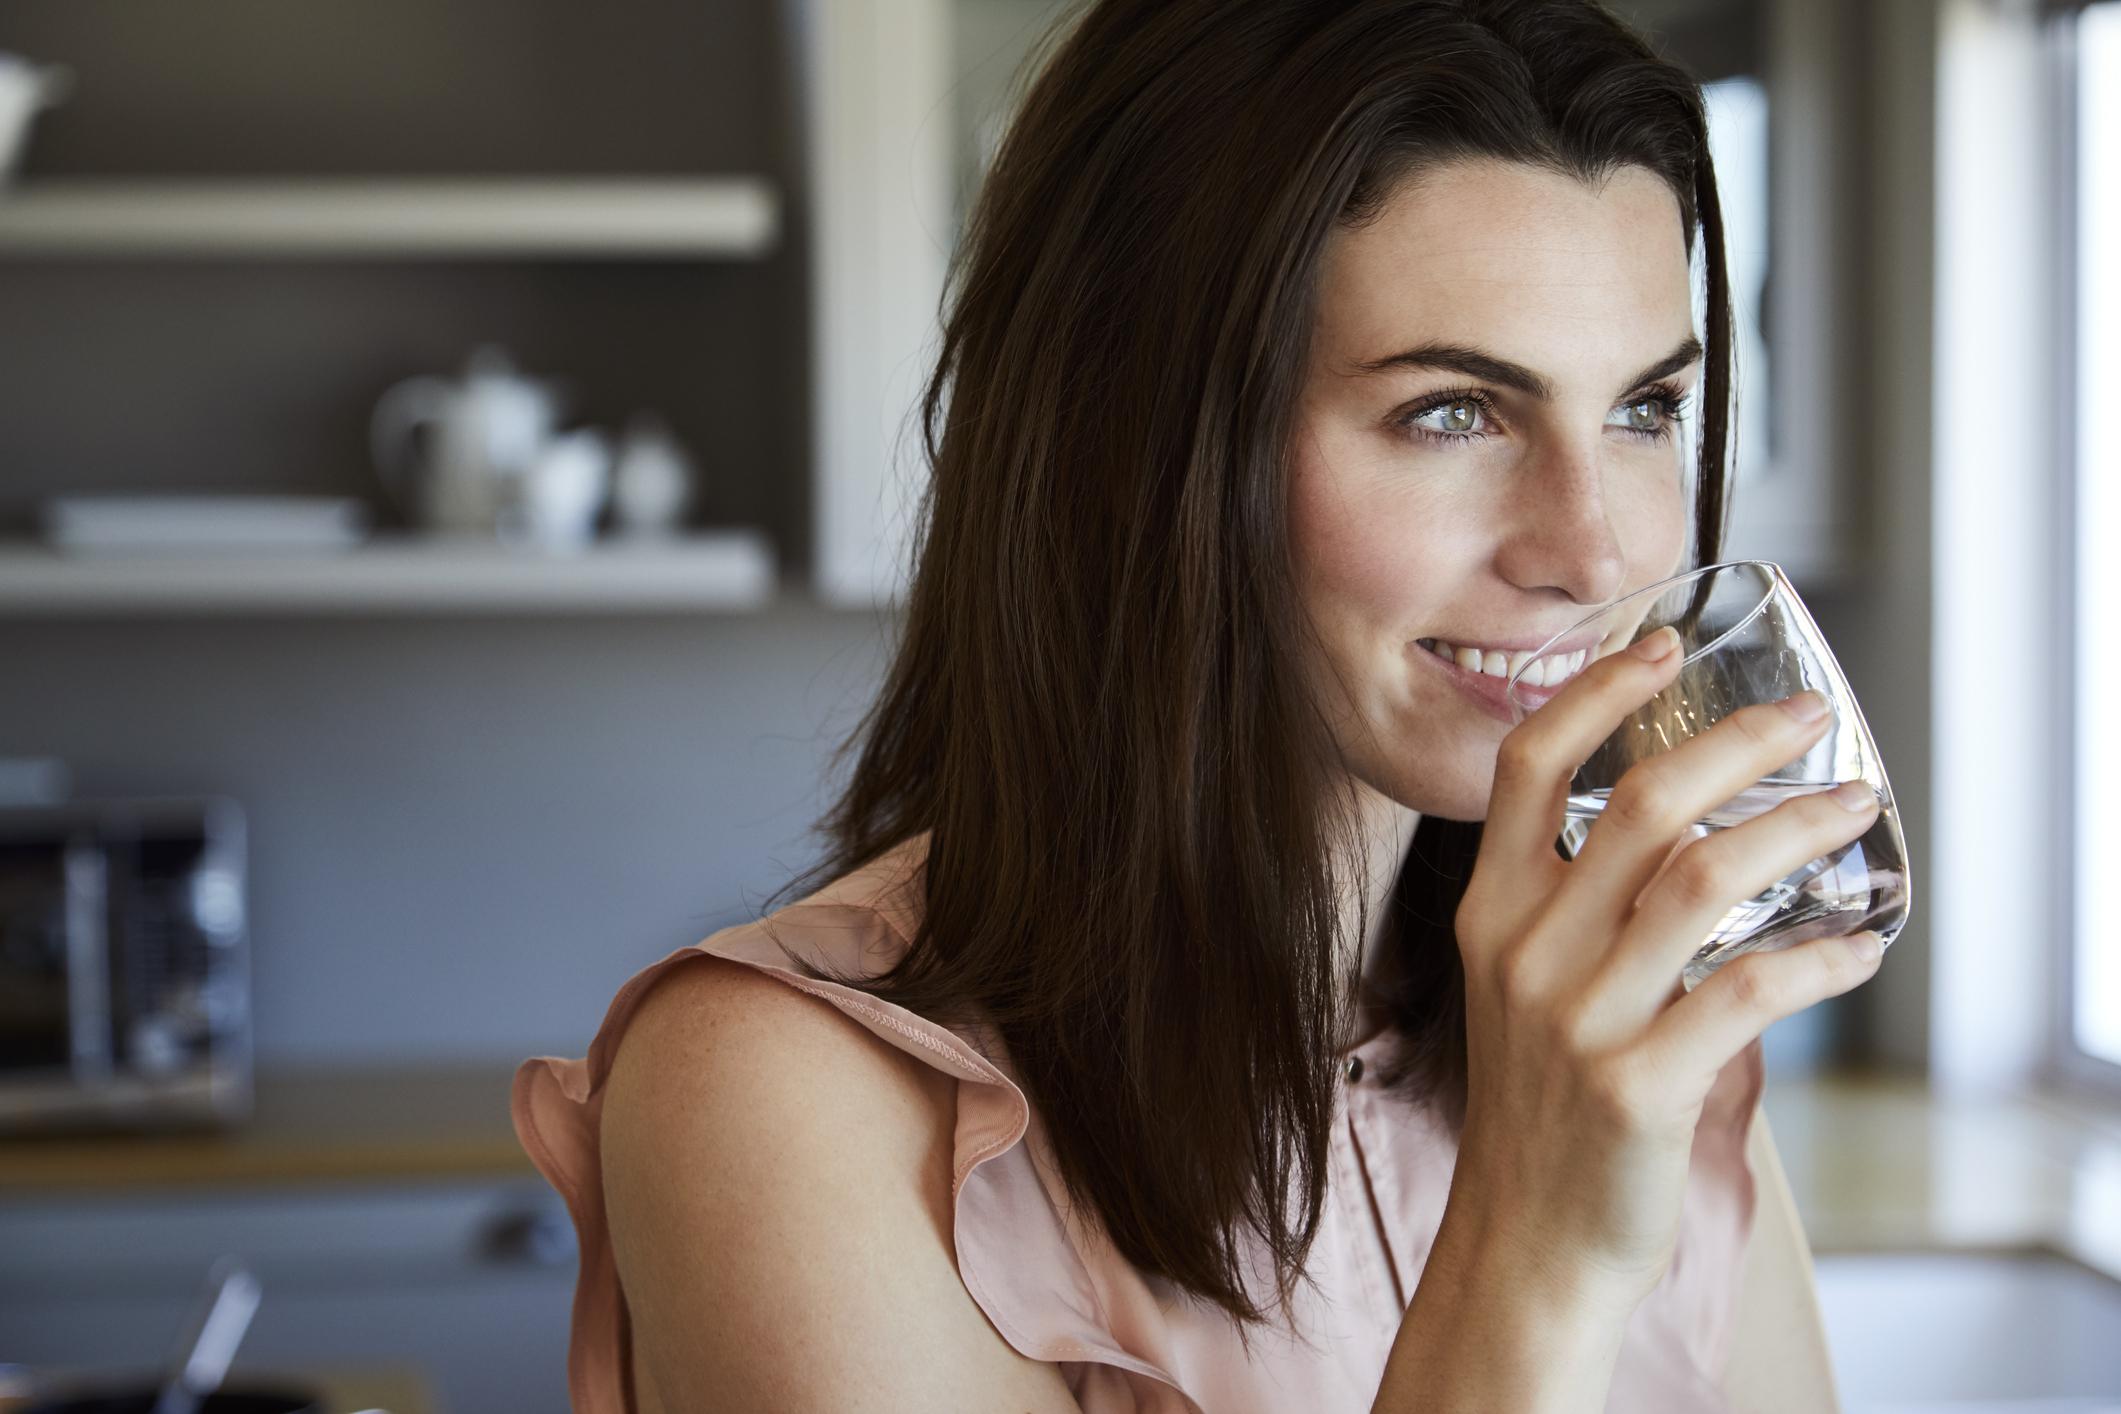 Използвайте сламка: Използването на сламка помага да пиете вода с още по-бързи темпове. Преди да сте се усетили, вие вече ще сте изпили чашата си с вода.